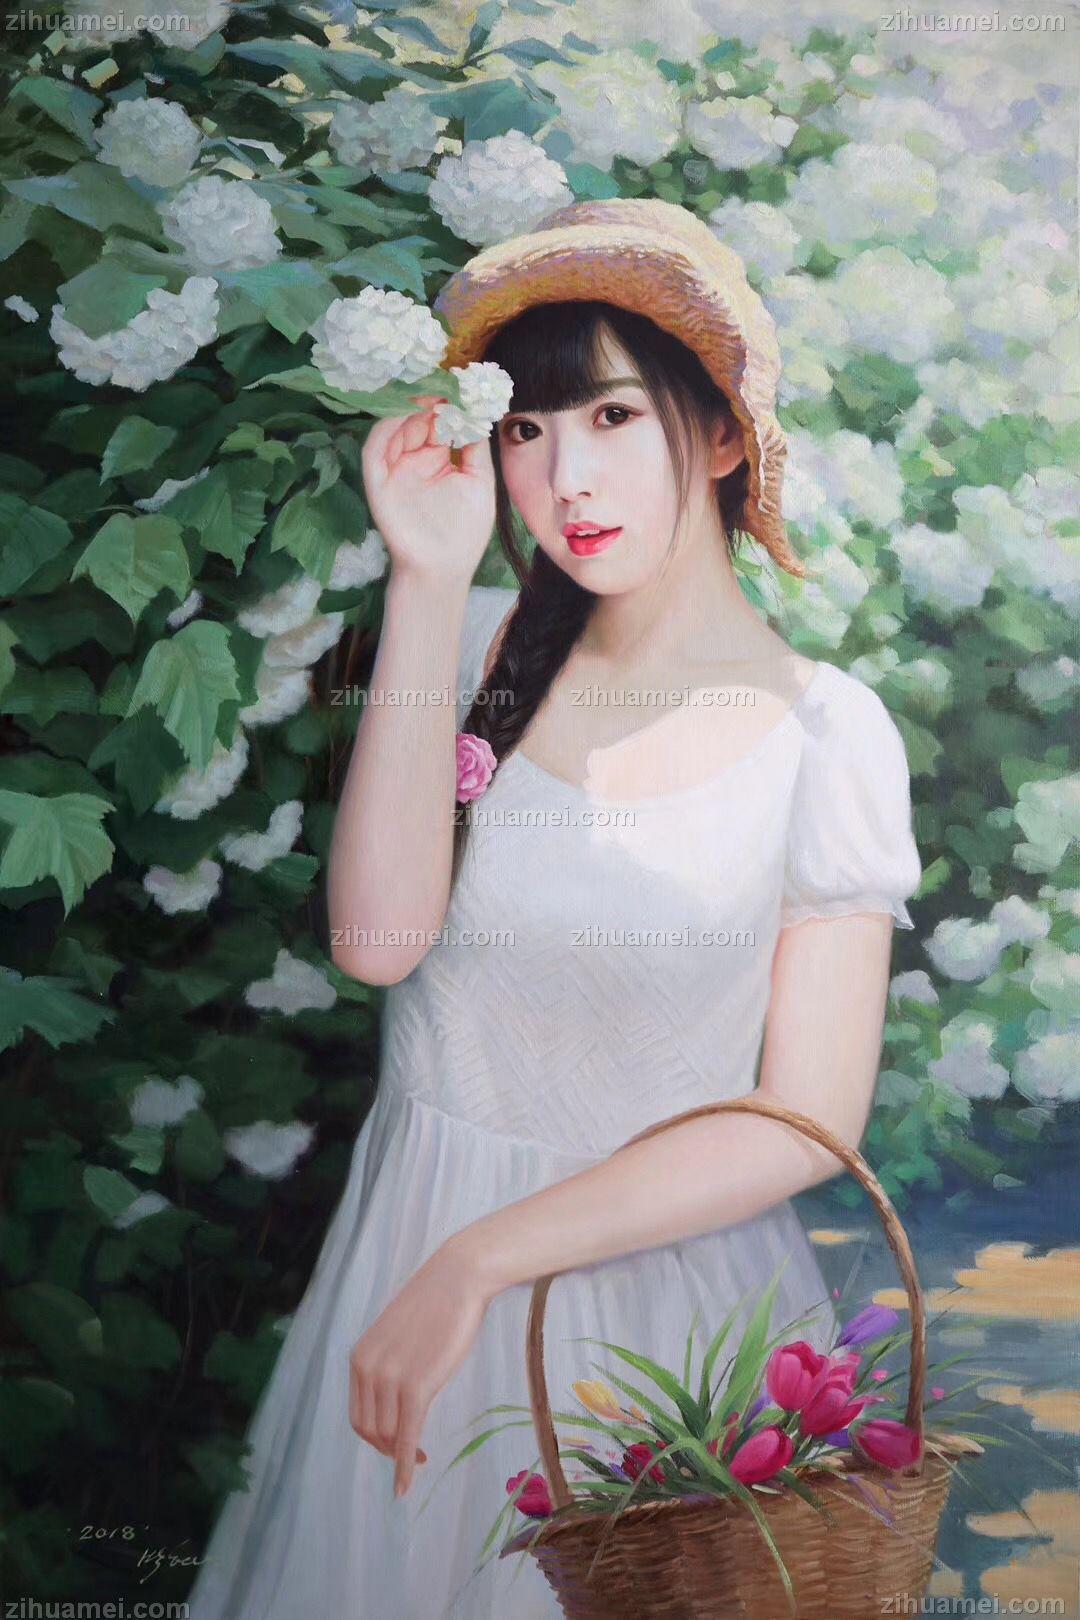 人物油画 美女油画 朝鲜油画